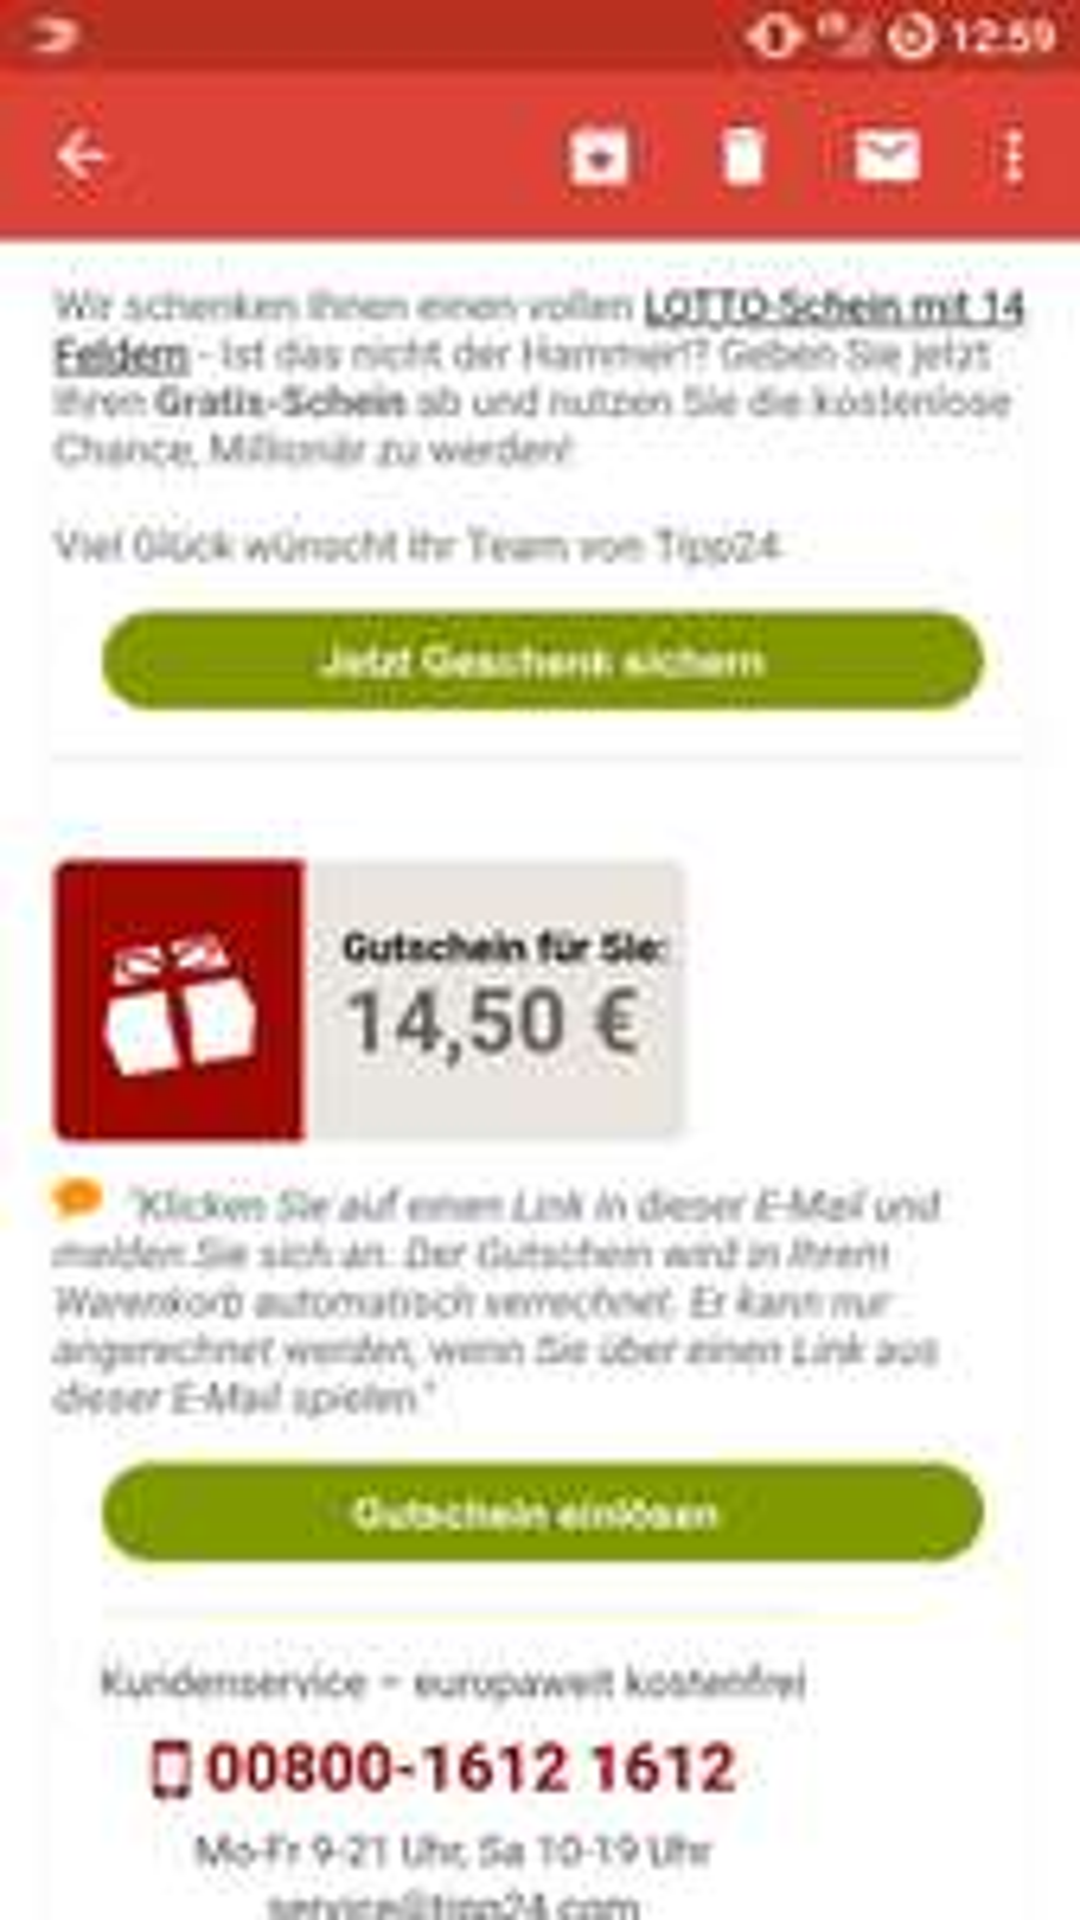 Tipp24 - Für 14,50€ kostenlos Lotto spielen